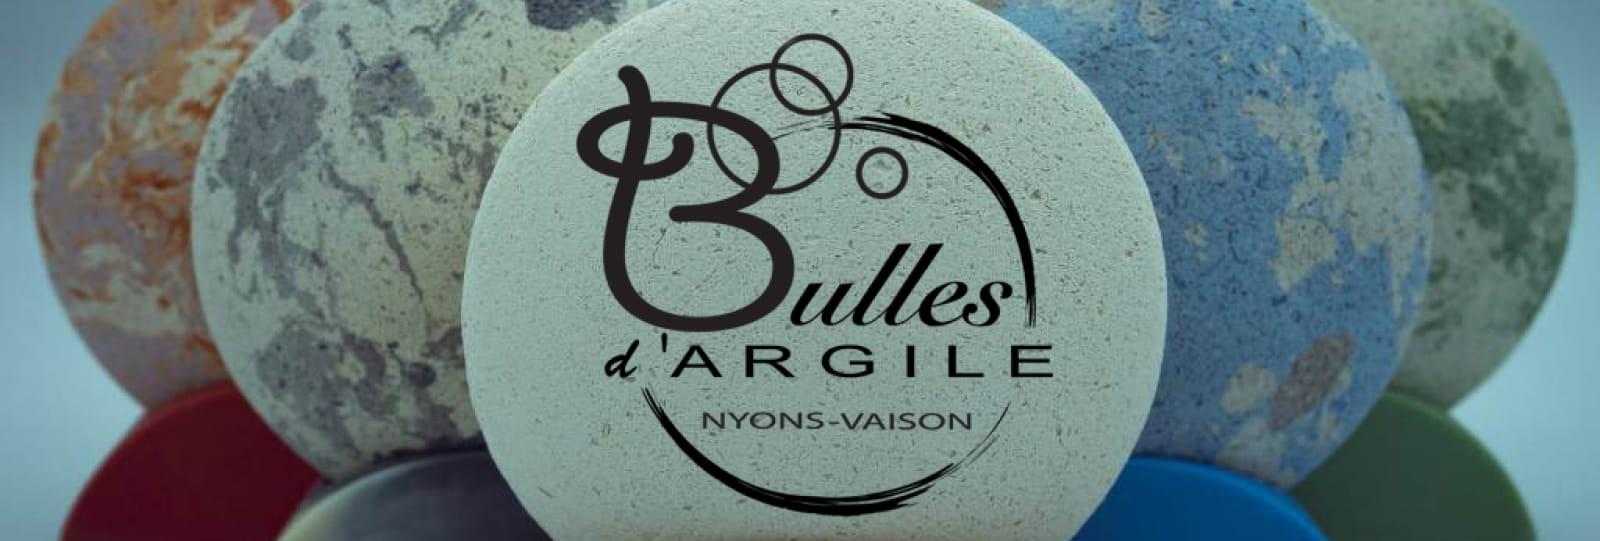 Bulles d'Argile